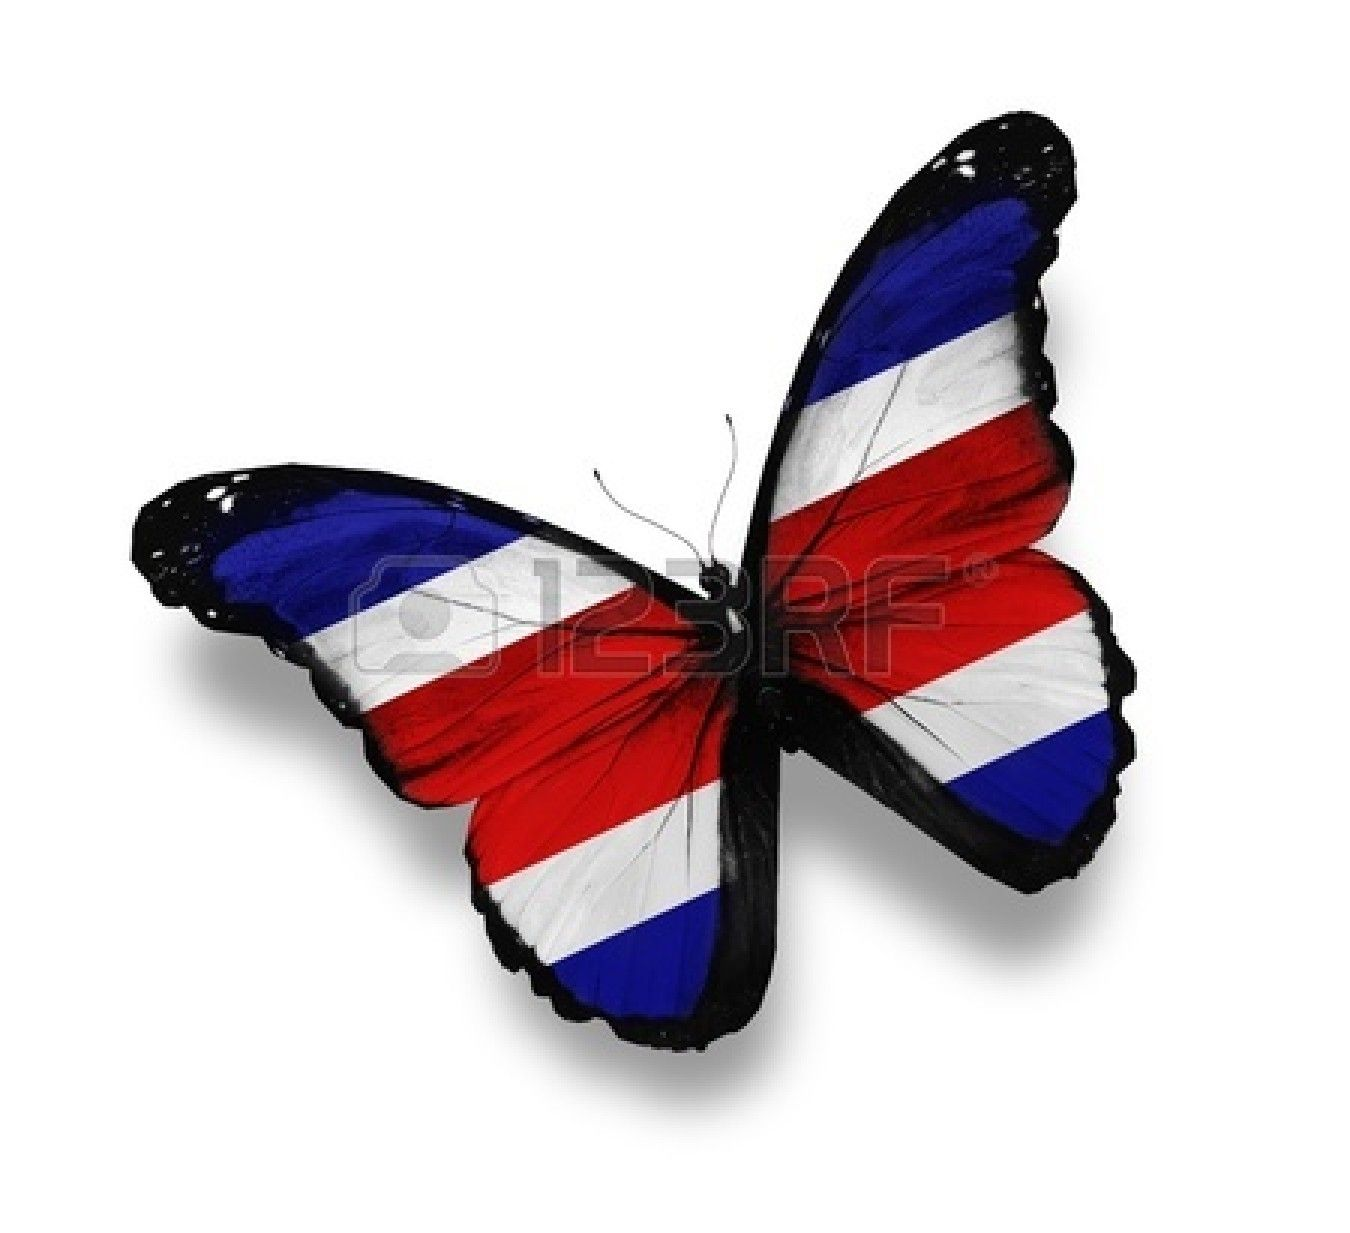 Bandera De Costa Rica en forma de mariposa | Dibujos | Pinterest ...